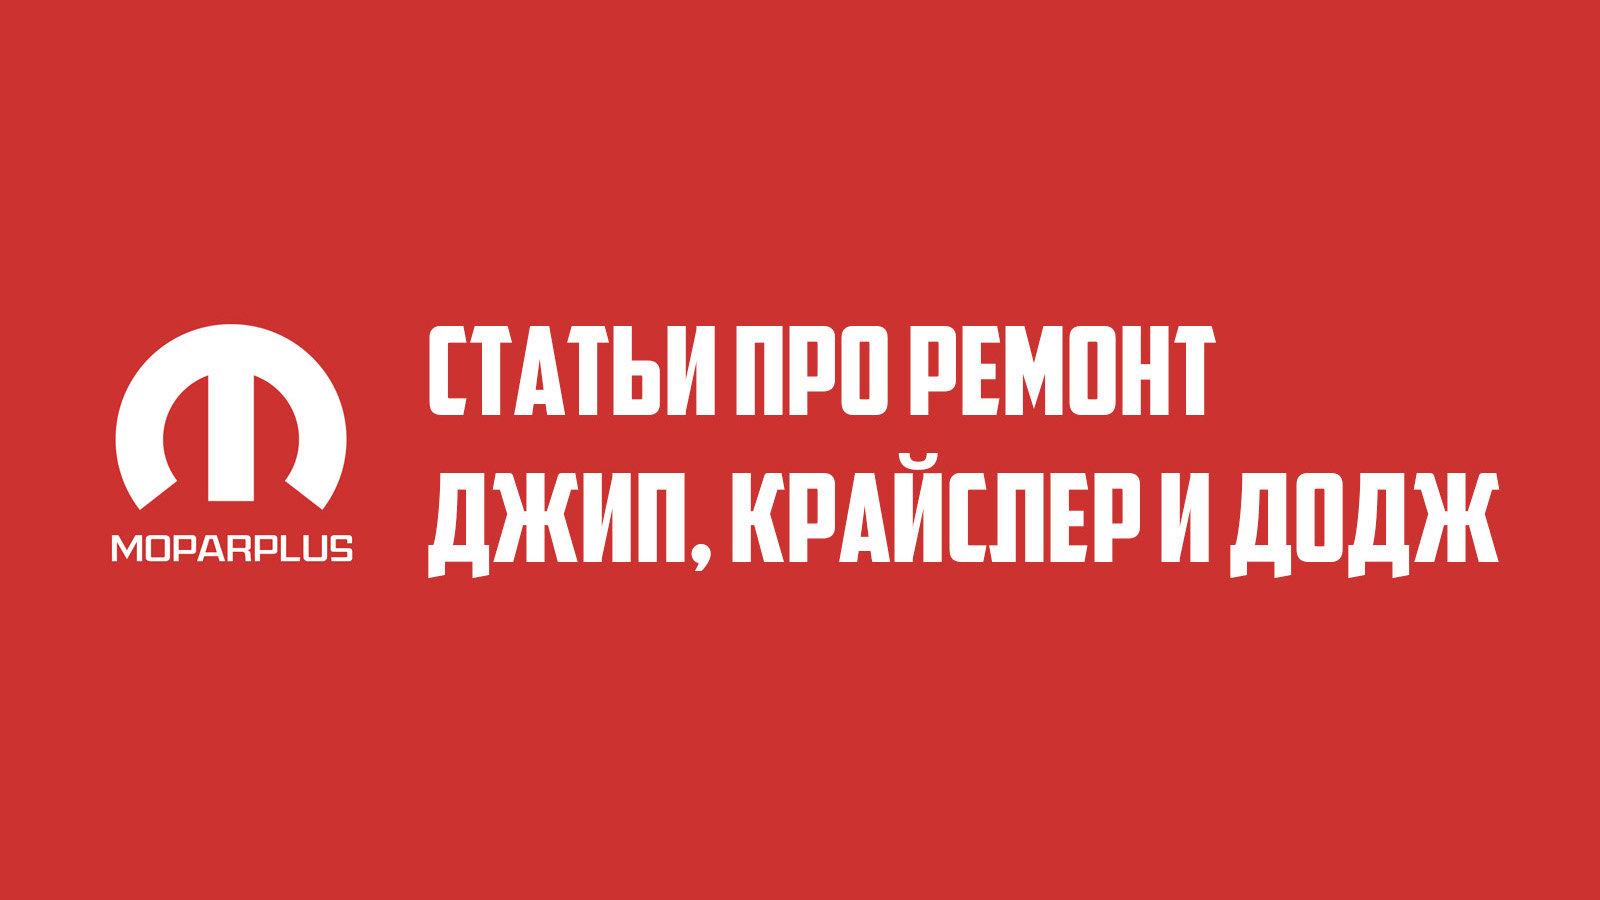 Статьи про ремонт. Выпуск №41.